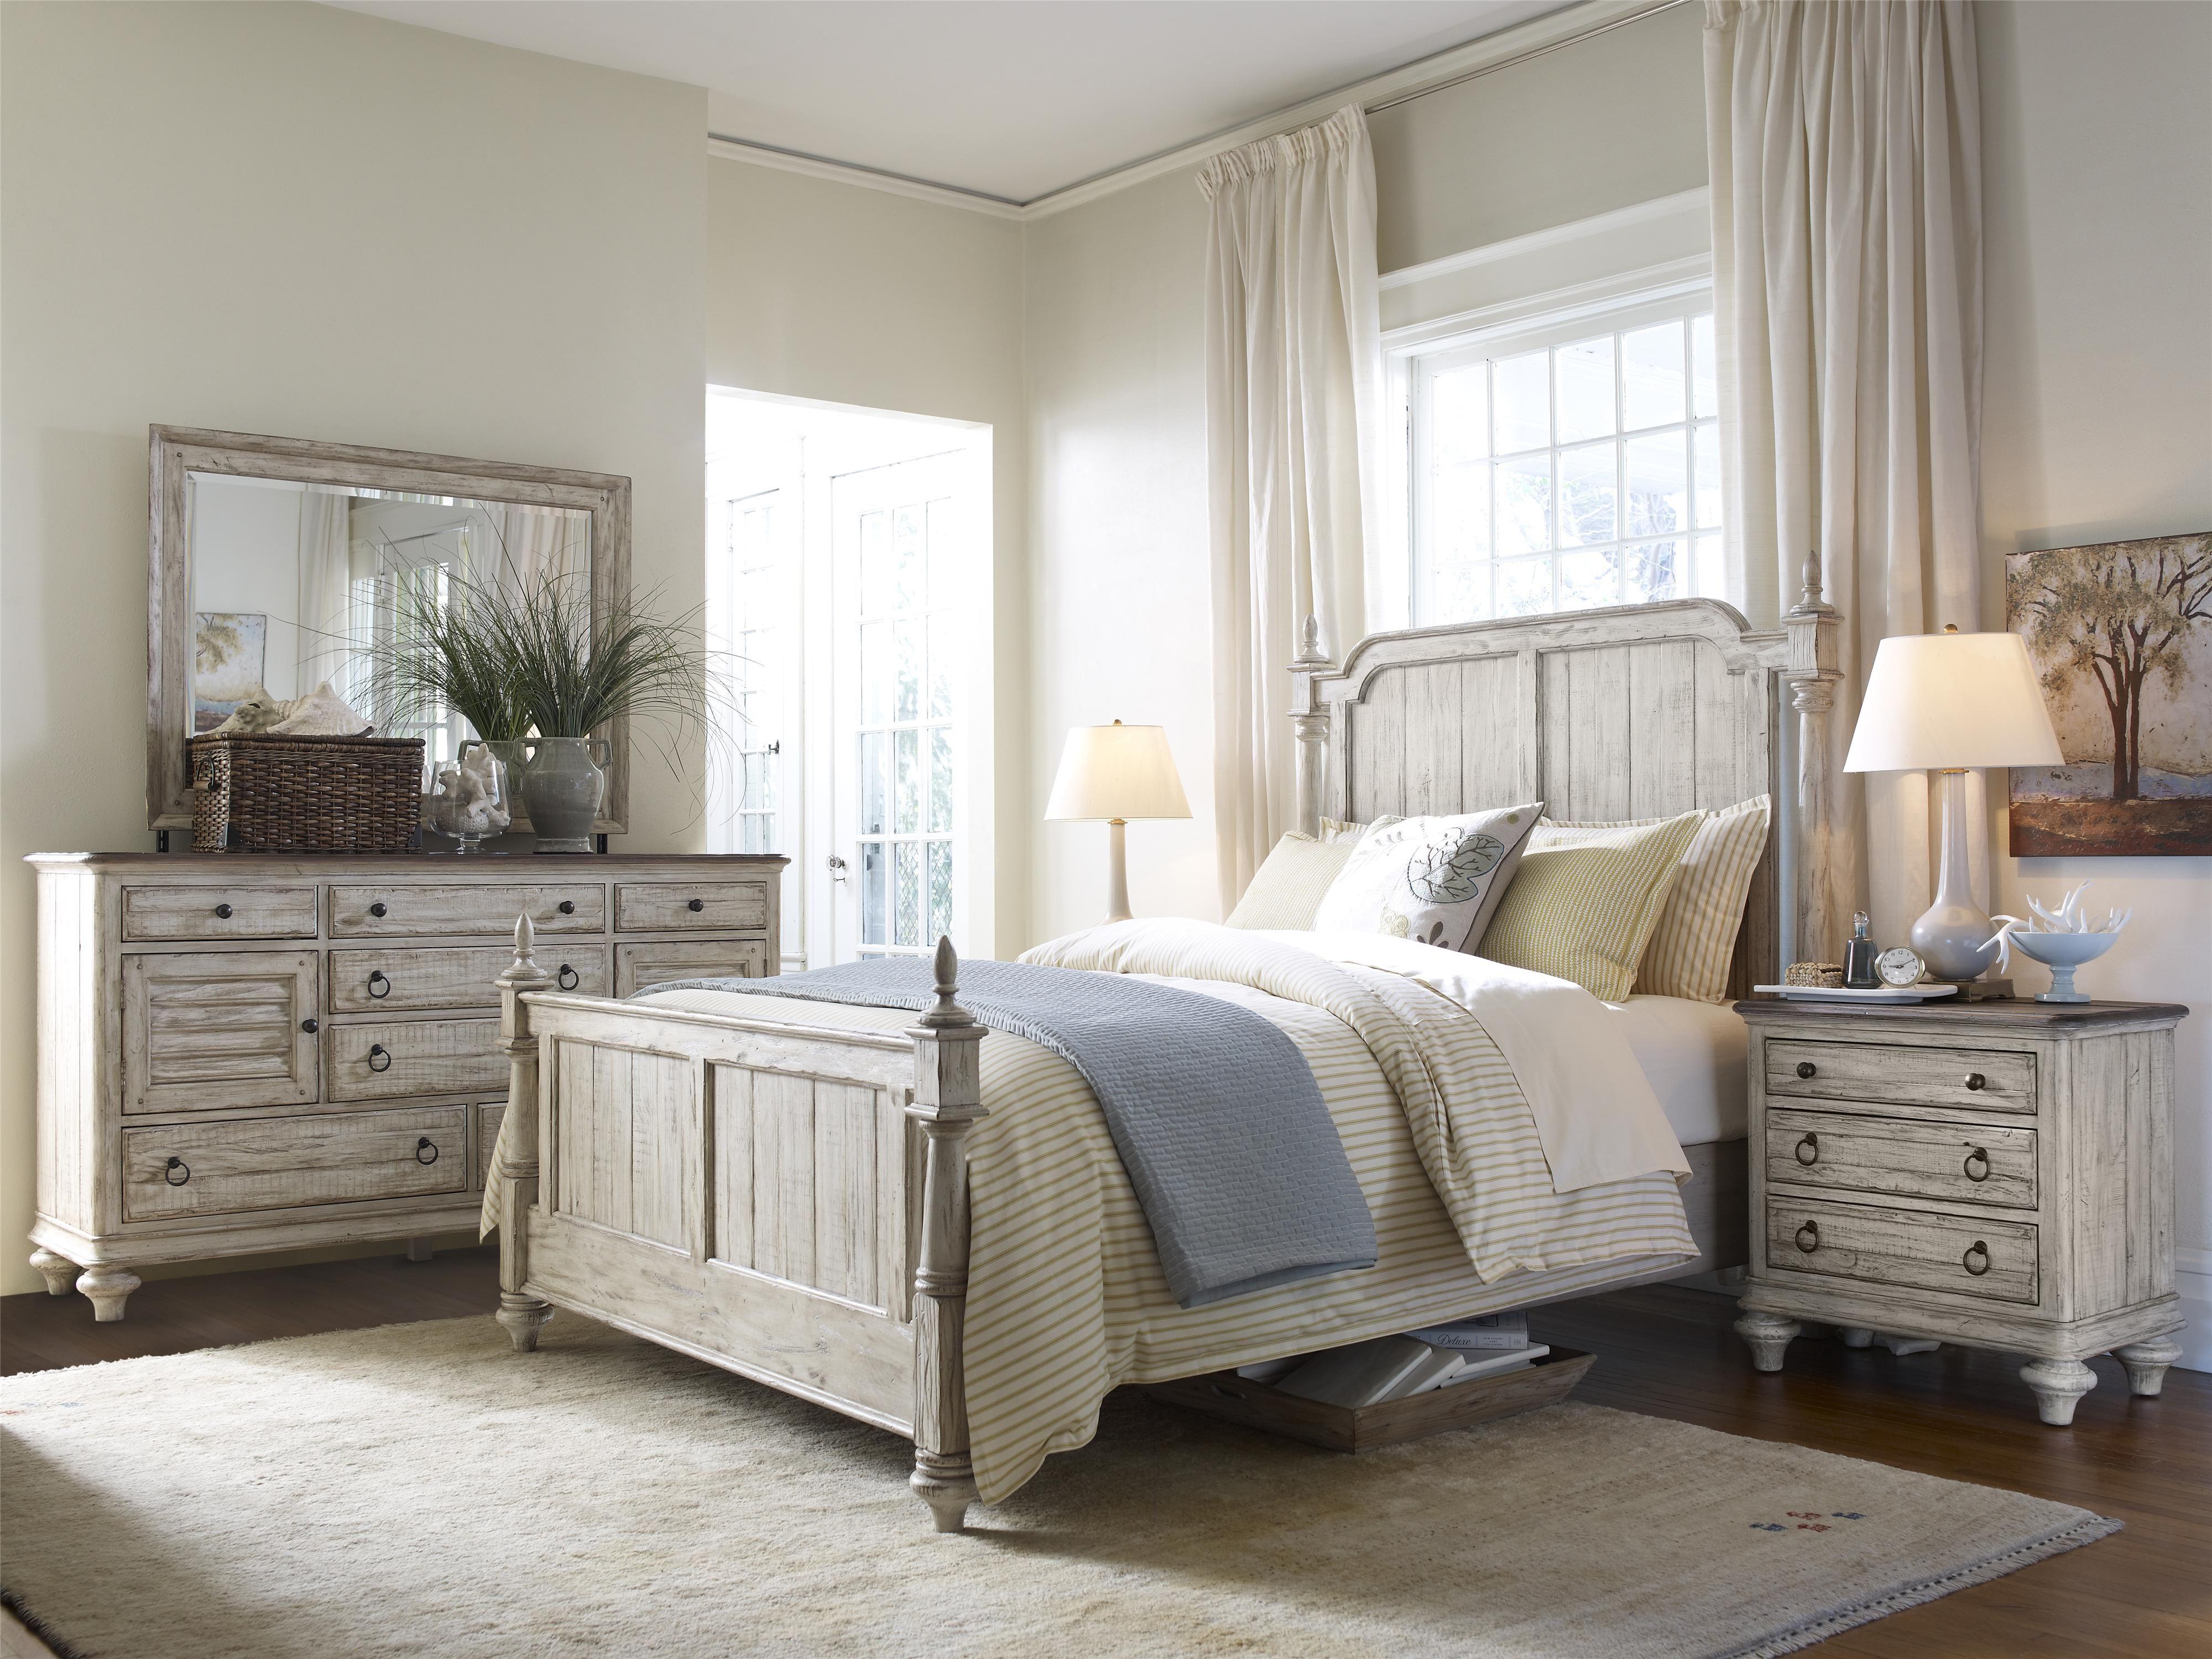 Solid Wood Bedroom Furniture Sets North Carolina